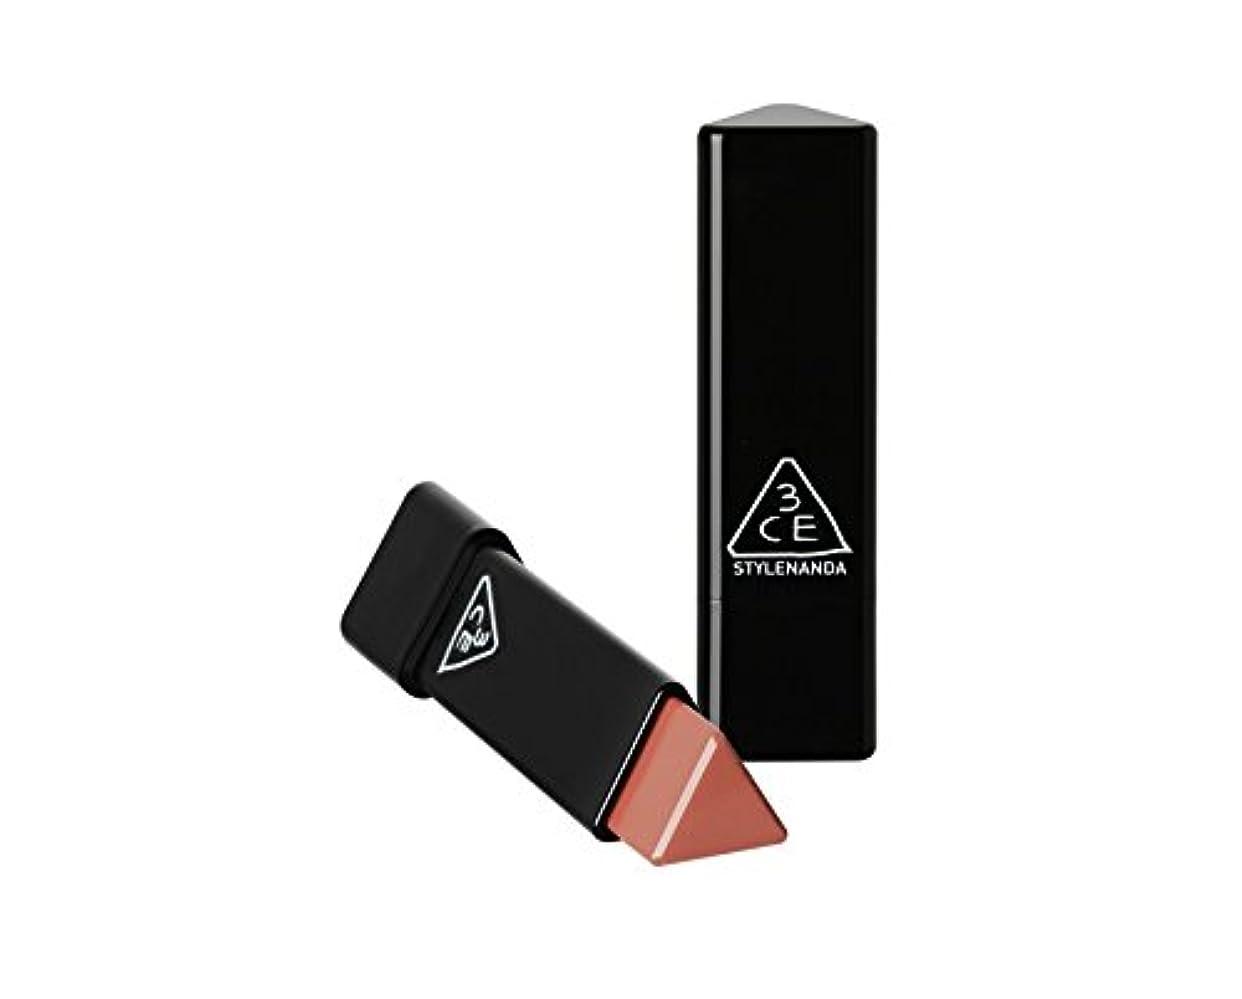 理論的無視できる協力的3CE スロージャム三角形口紅 3 Concept Eyes Style Nanda Glow Jam Stick Triangle Lipstick (正品?海外直送品) (Very Berry)